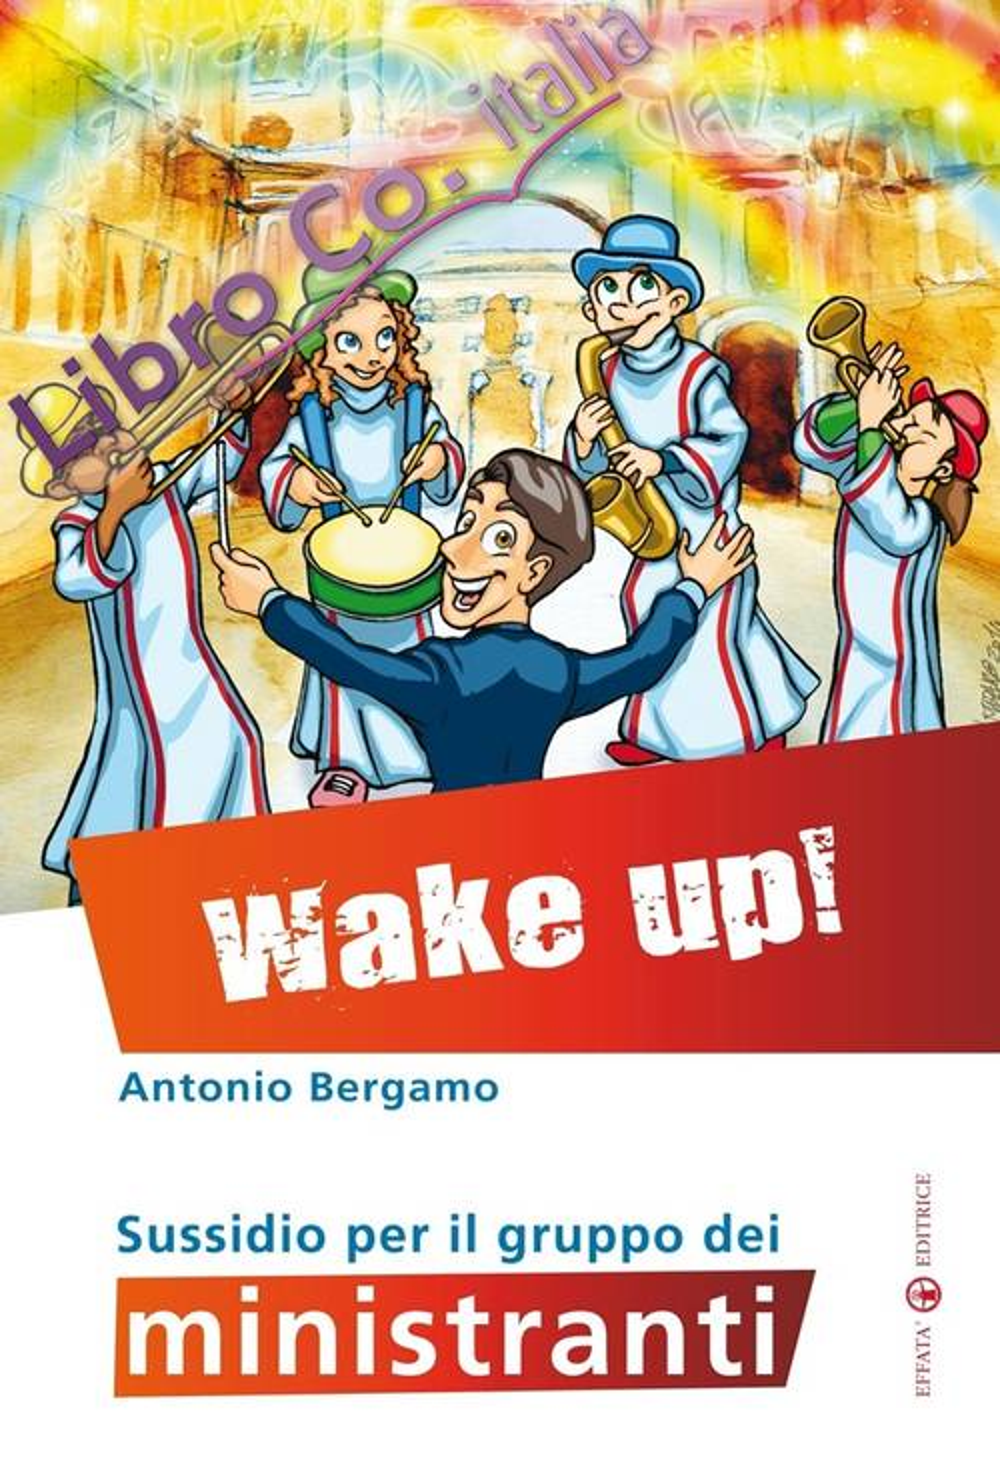 Wake up! Sussidio per il gruppo dei ministranti